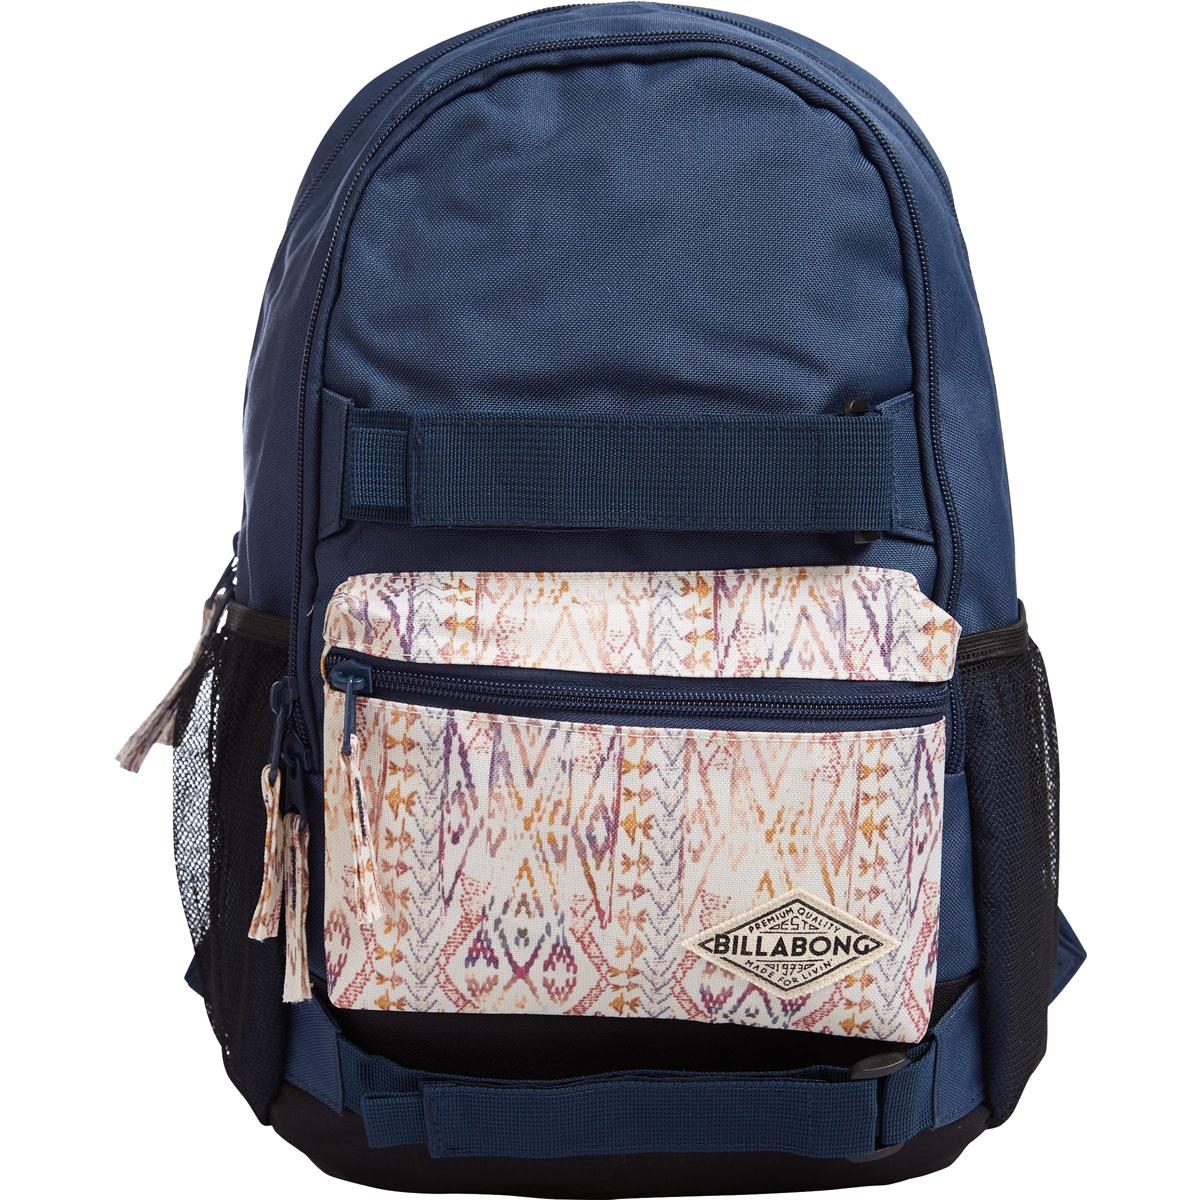 Рюкзак городской Billabong Crew, цвет: синий, 20 л. Z9BP02Z9BP02Функциональный городской рюкзак, выполненный из износостойких материалов, готовый служить Вам долгое время, сохраняя презентабельный внешний вид. Два вместительных отсека с карманом для ноутбука, а также внешний карман на молнии для мелочей. Крепления для скейта и боковые сетчатые карманы.